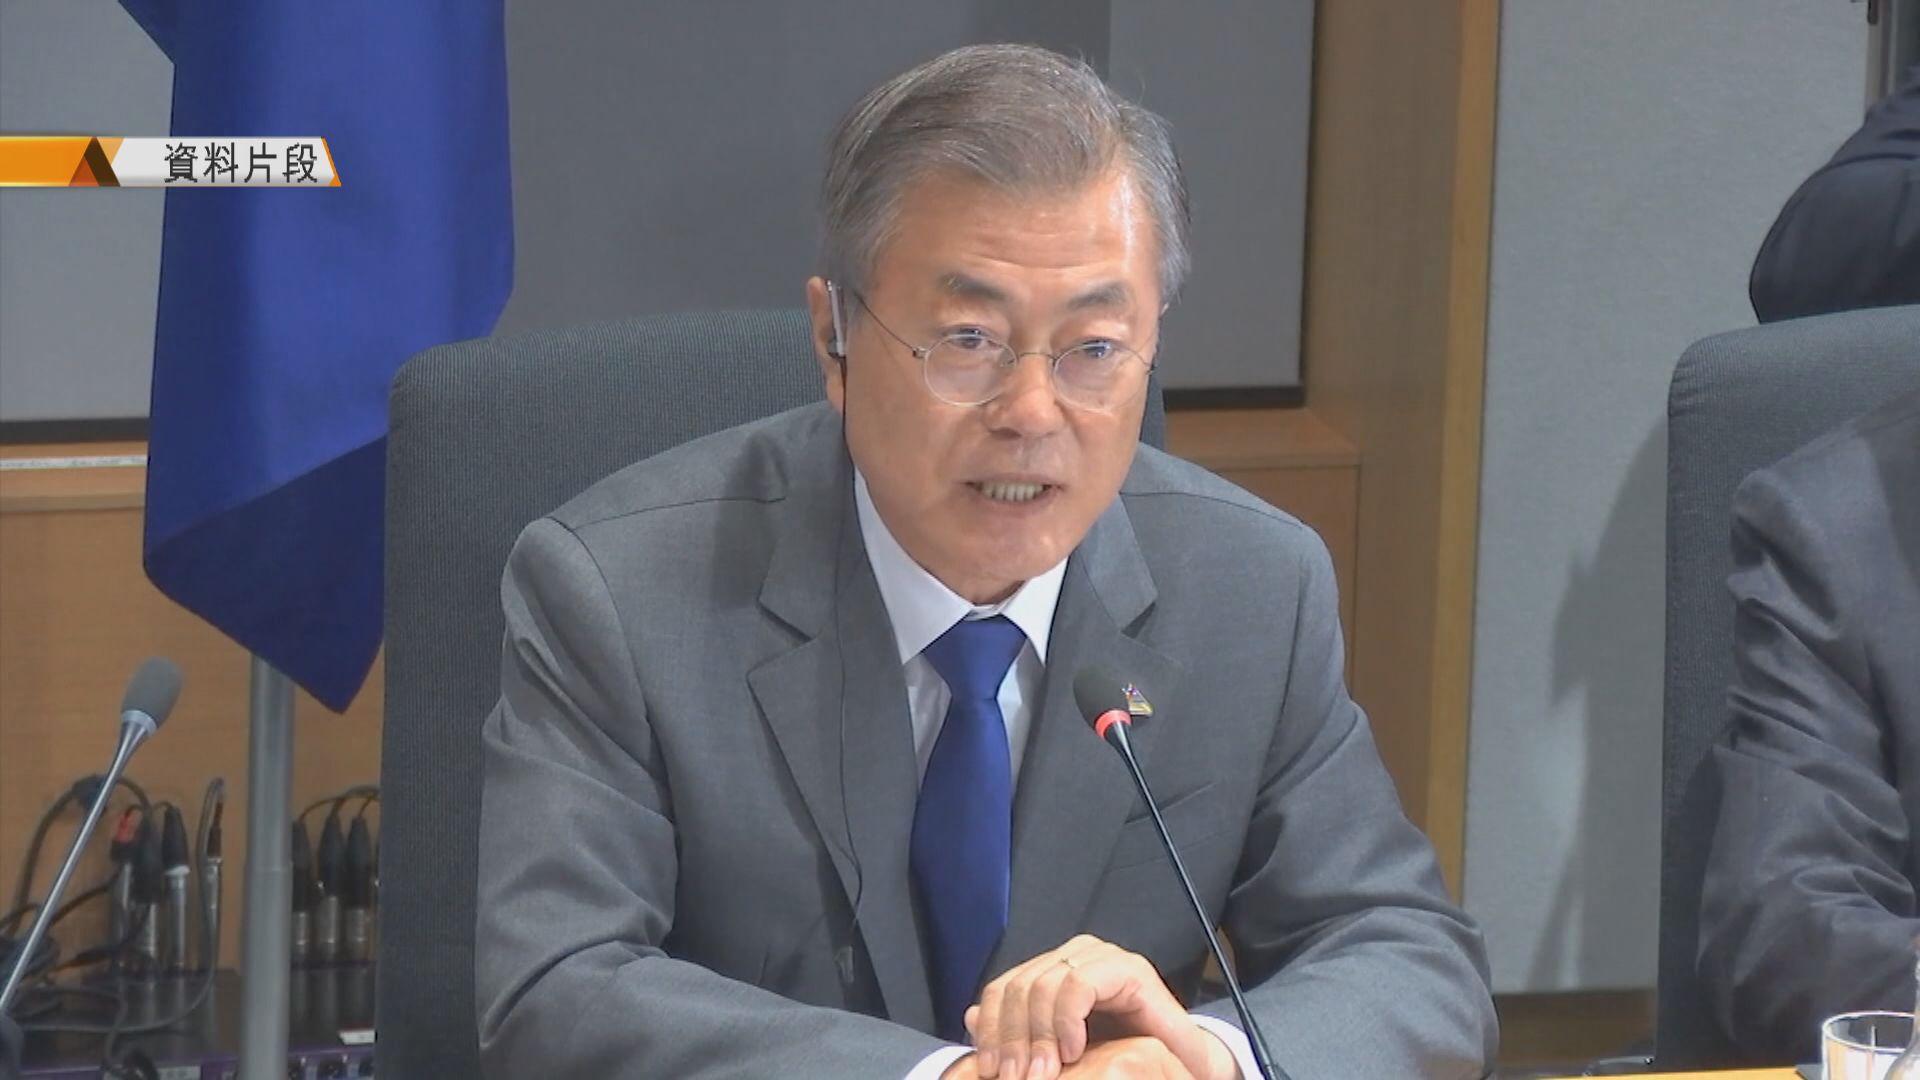 南韓執政黨兩市長選舉慘敗 文在寅稱嚴肅接受國民問責